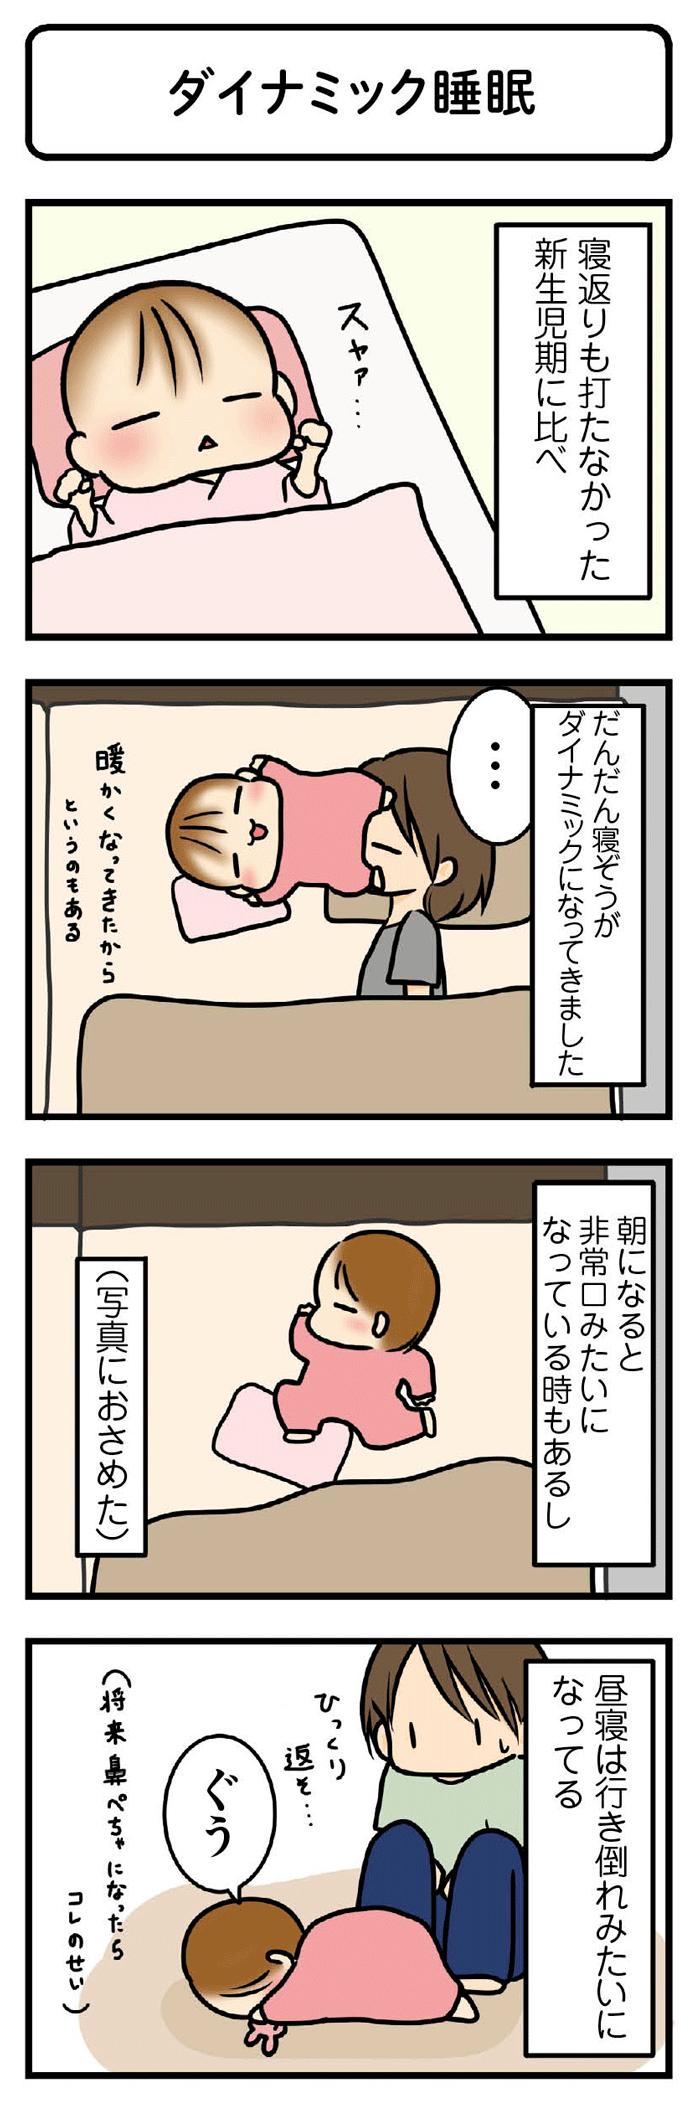 「0歳赤ちゃん VS ママ」成長にうれしくもヒヤヒヤ!リトルモンスターとの日々(笑)の画像8